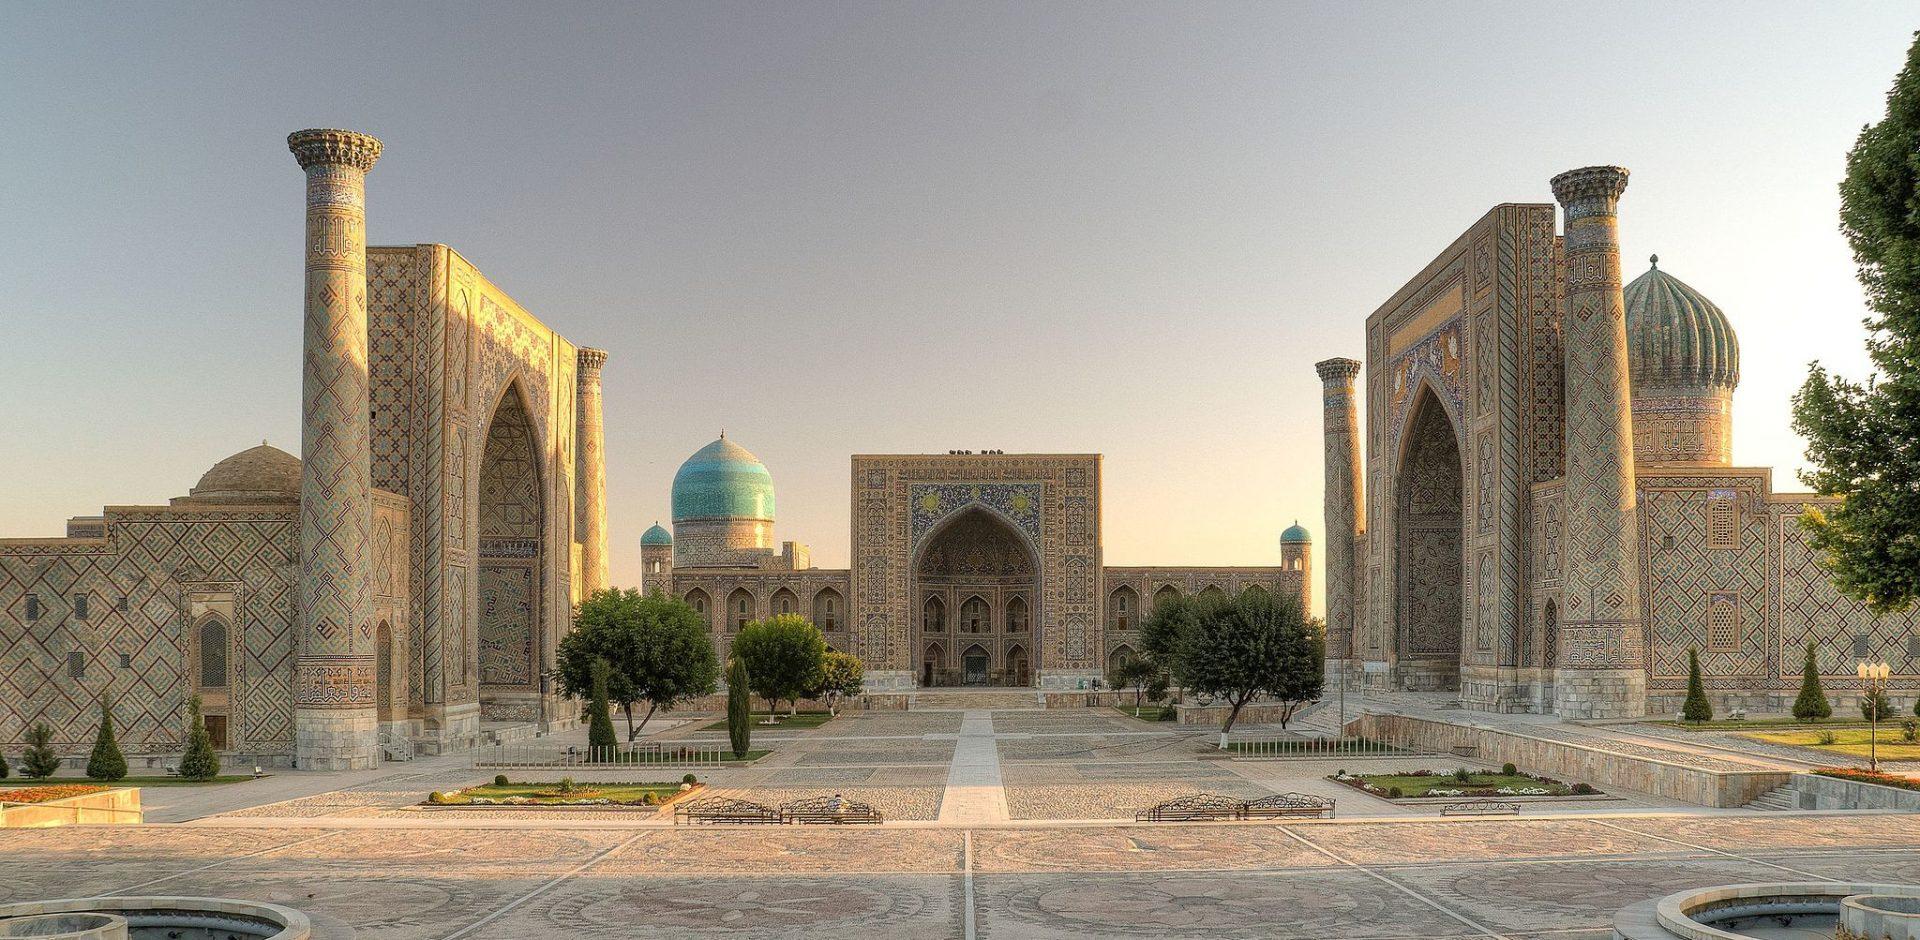 Registan square Samarkand e1471015517700